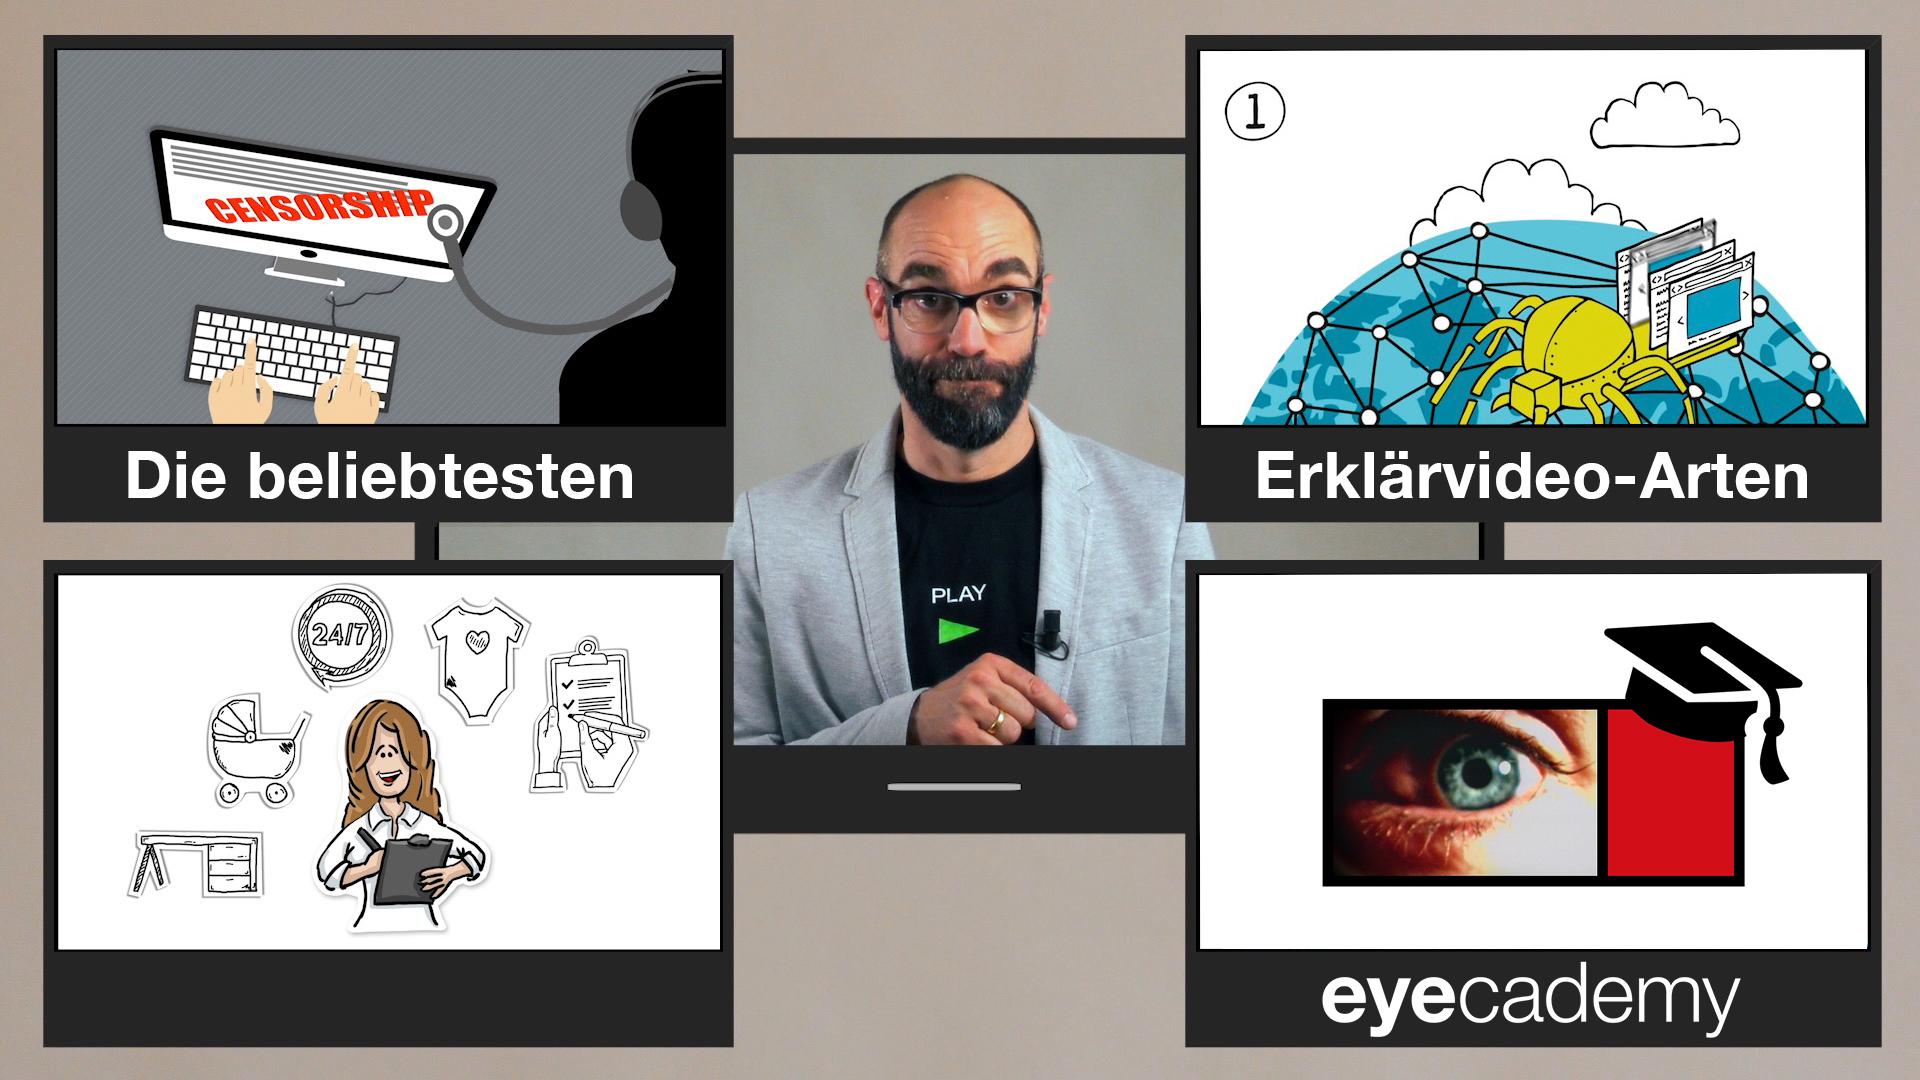 Video-Thumbnail des Erklärvideos: Moderator umgeben von 3 Erklärvideo-Standbildern und dem eyecademy-Logo